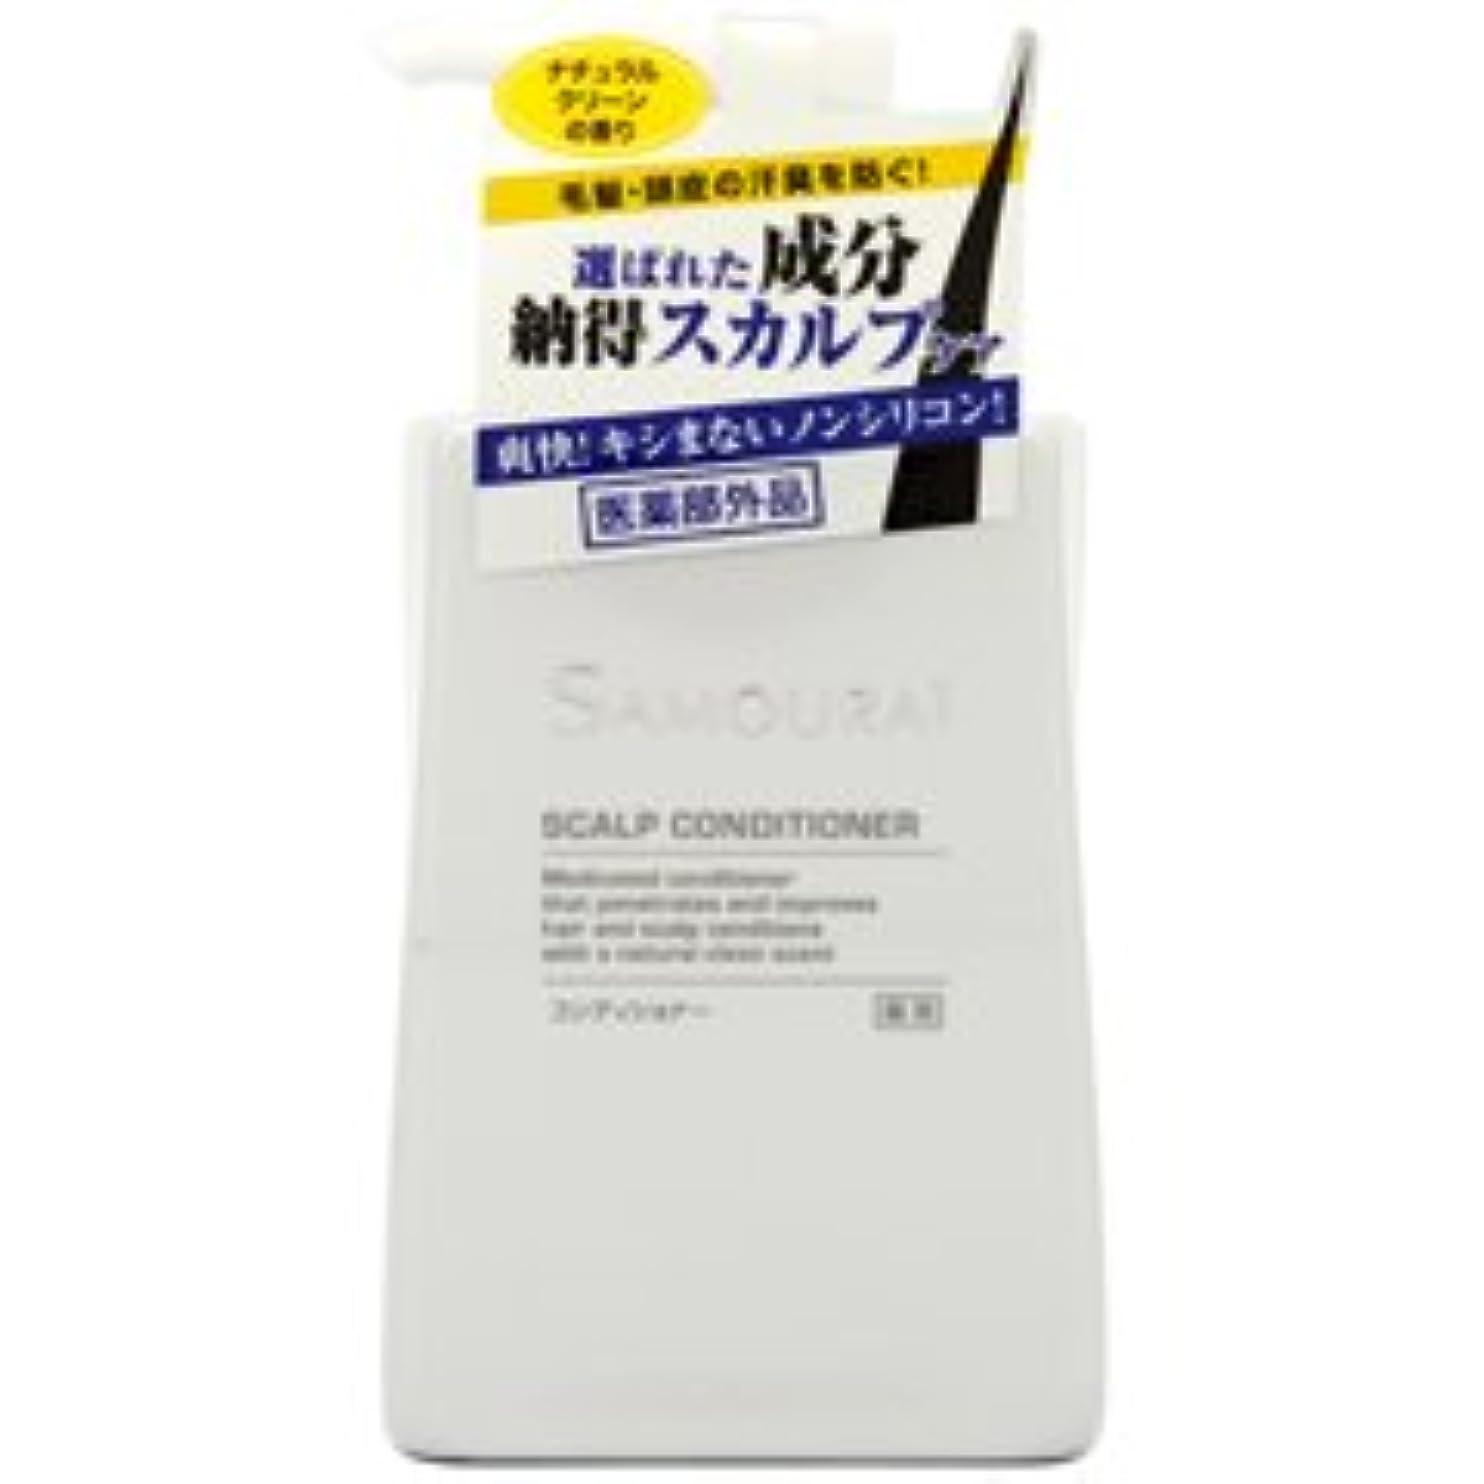 暴露する鋸歯状化学【アランドロン】サムライ 薬用スカルプコンディショナー 300ml